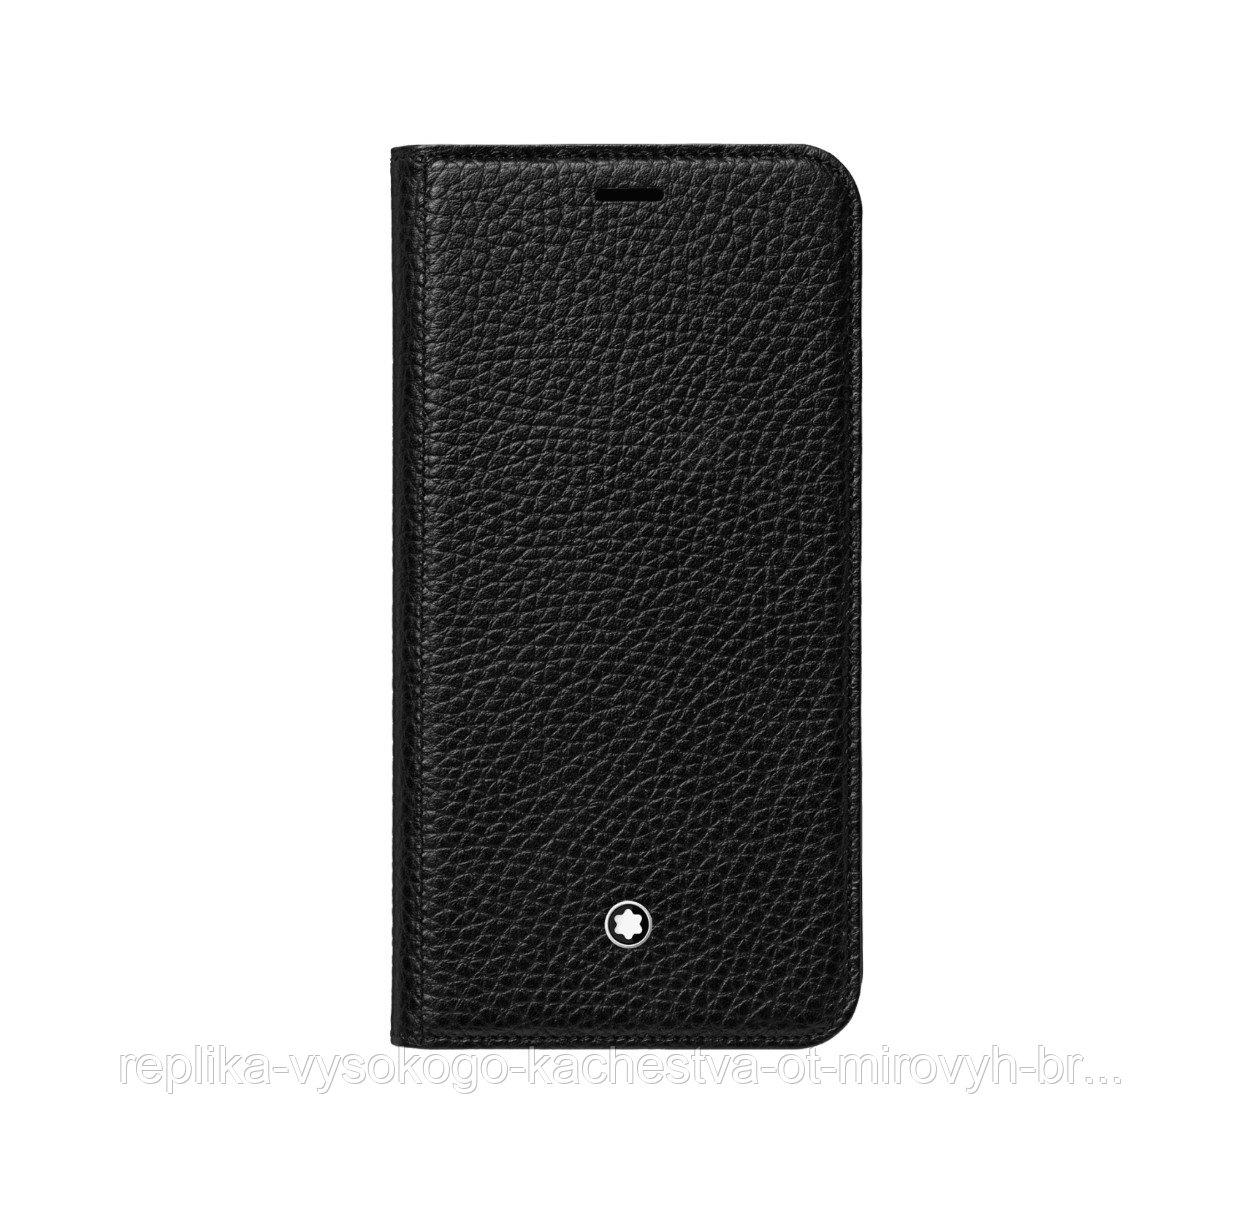 Чехол MontBlanc на IPhone XS Max